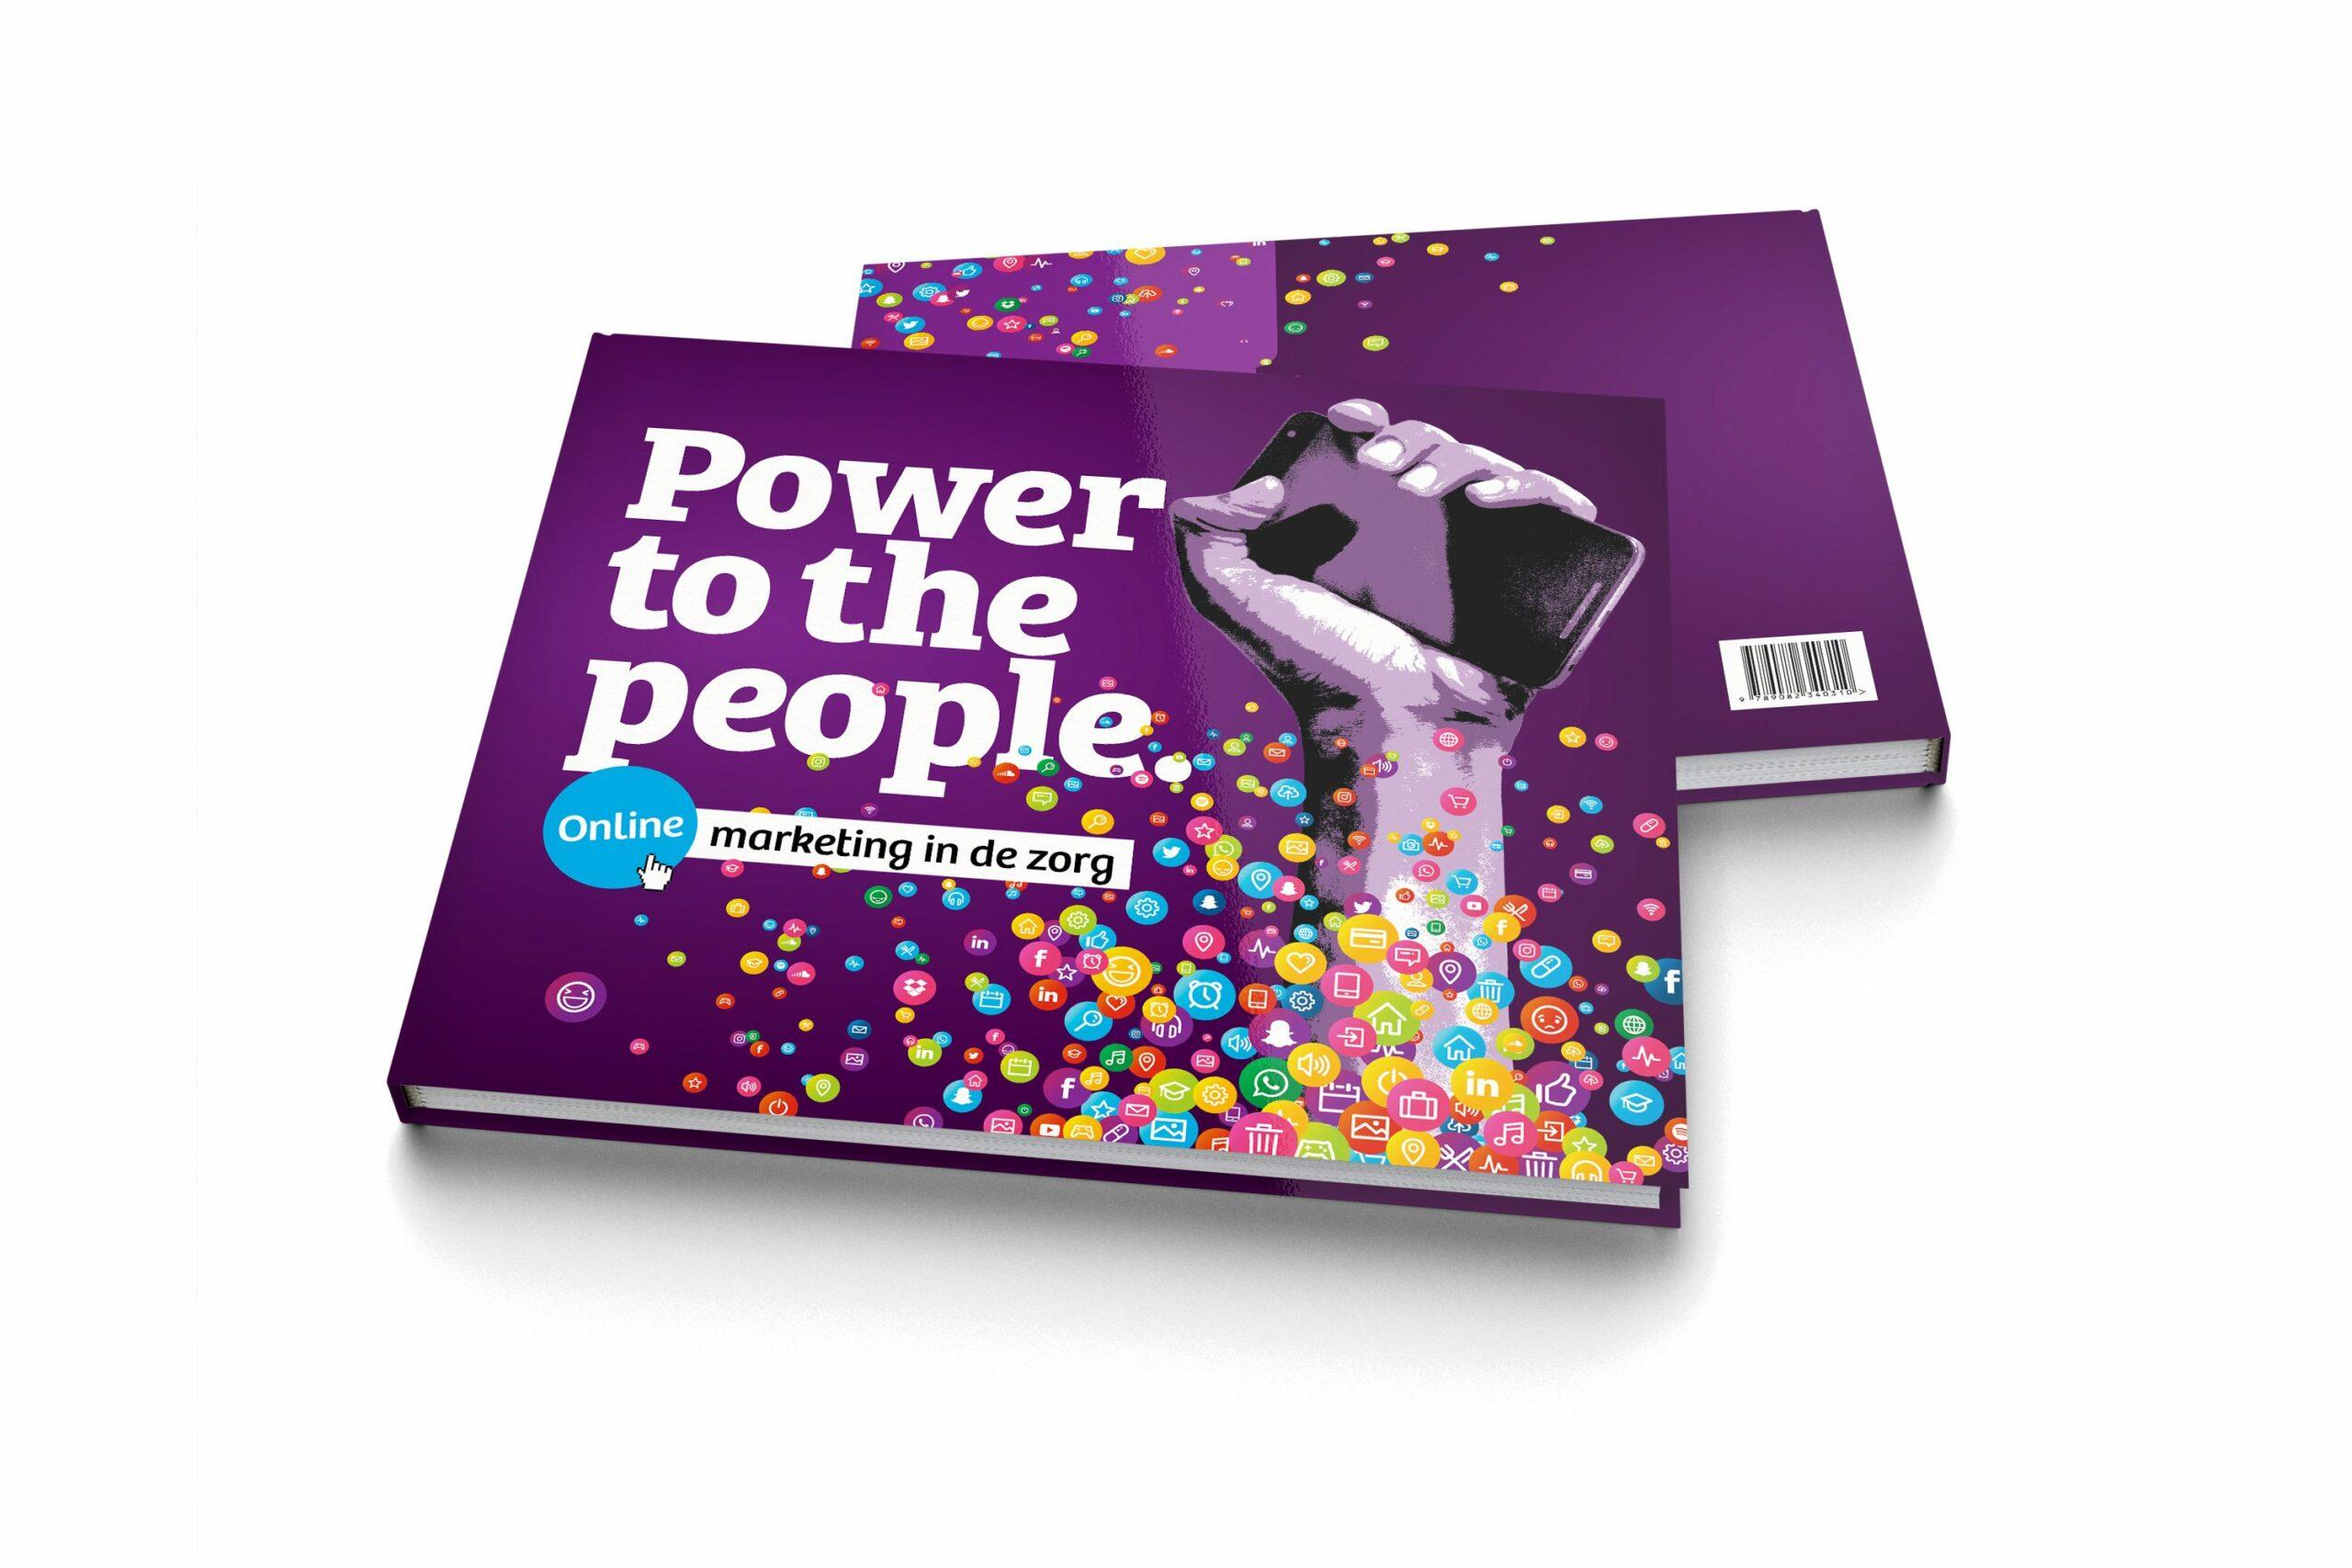 (Recensie) Power to the people – Marketing in de zorg